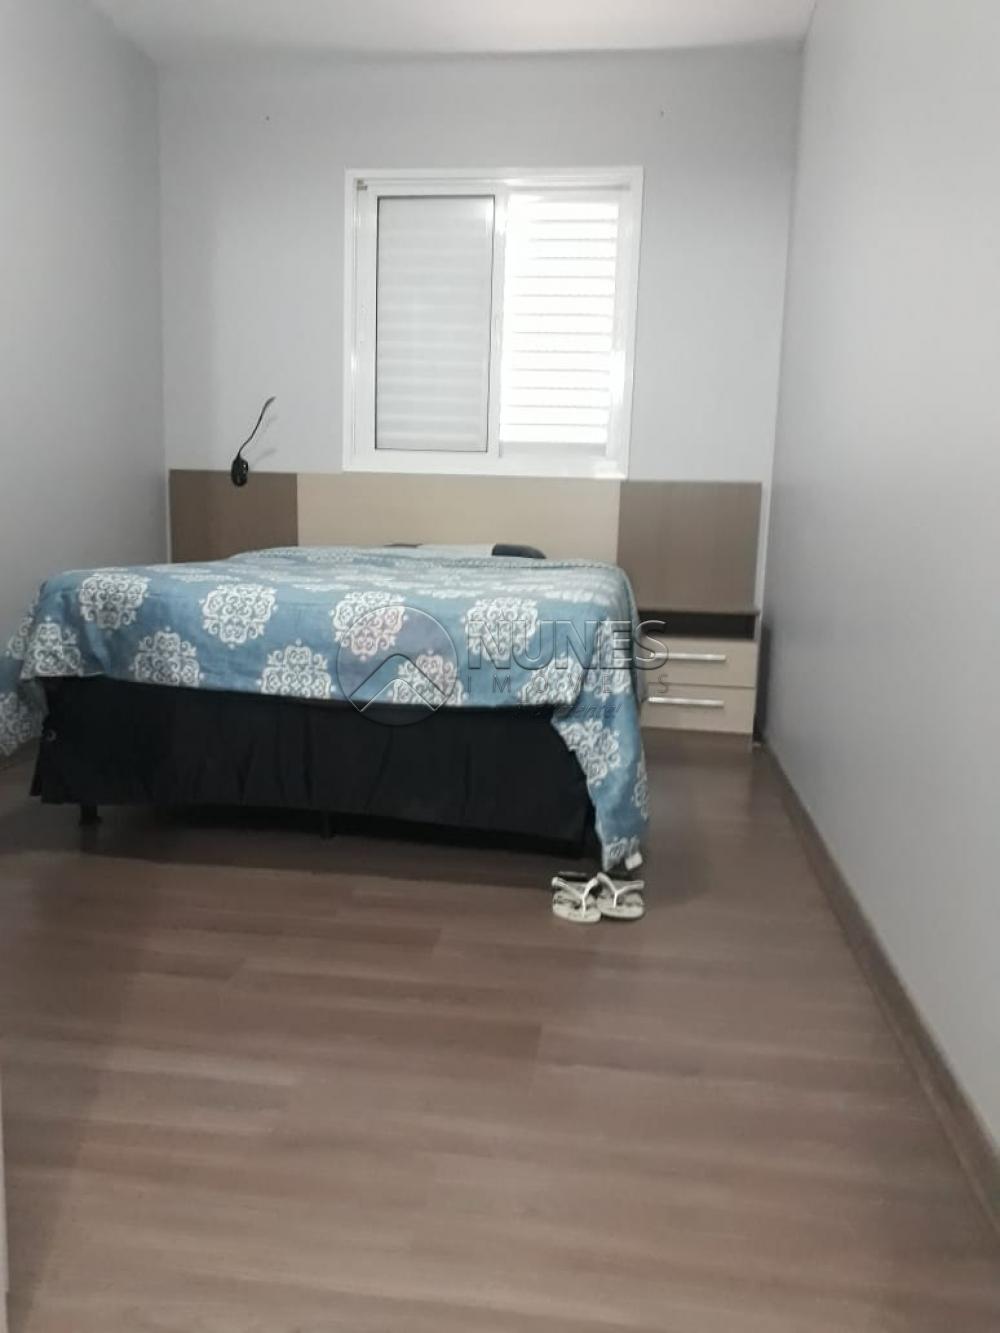 Comprar Apartamento / Padrão em Osasco apenas R$ 305.000,00 - Foto 17